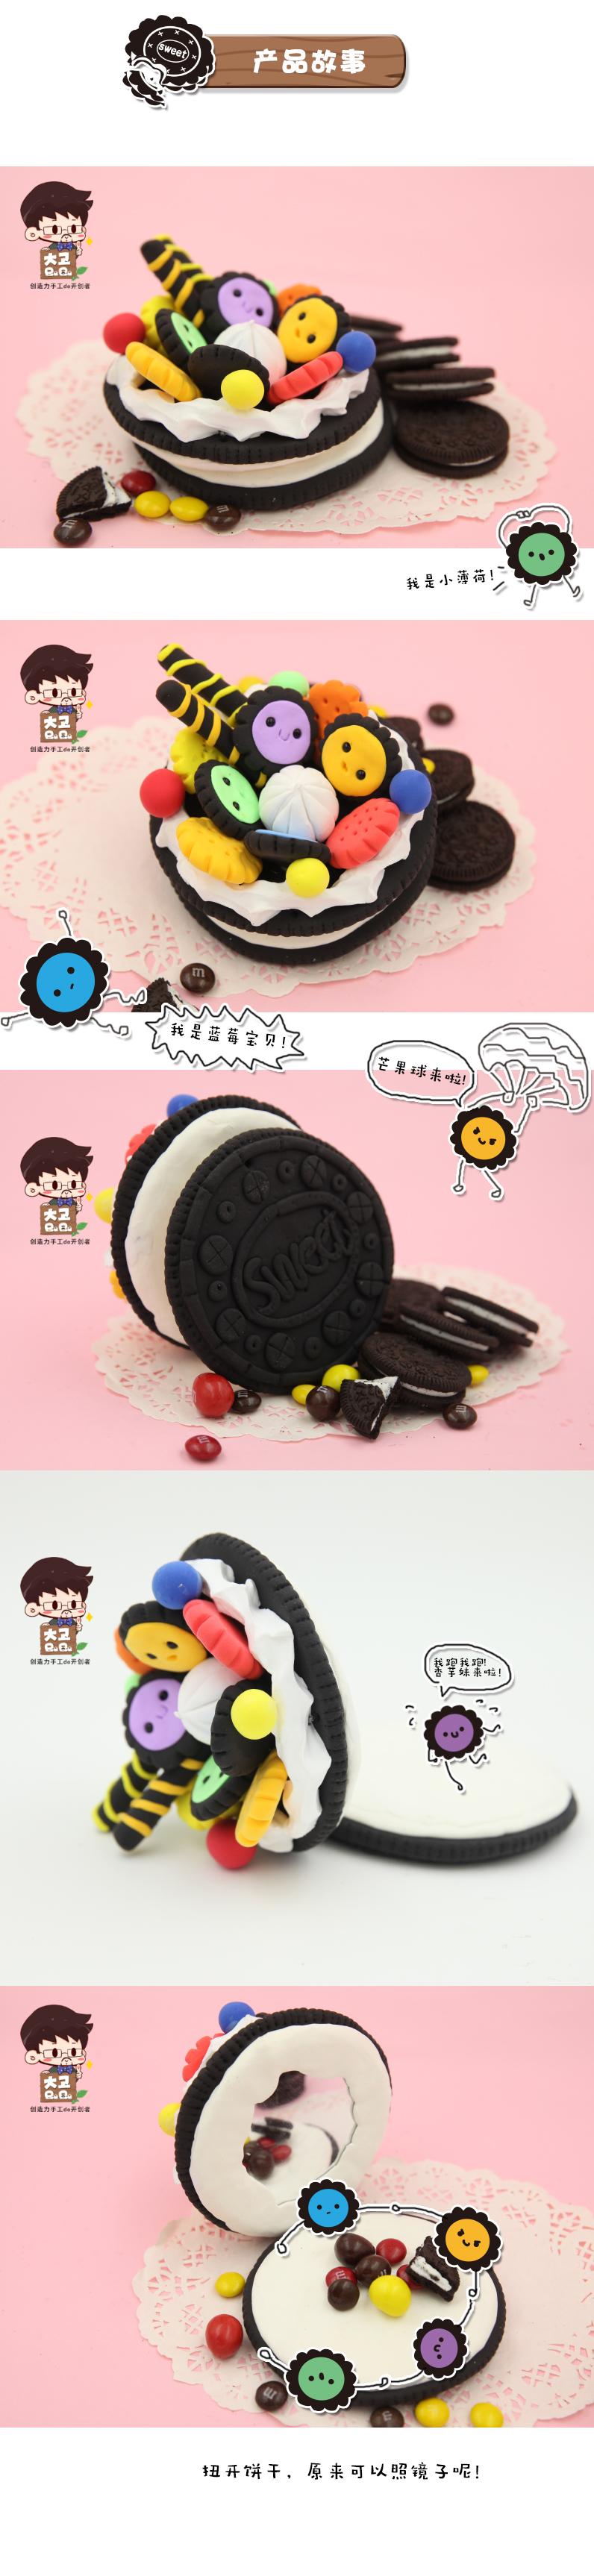 奥利奥蛋糕镜子儿童手工diy制作材料包橡皮